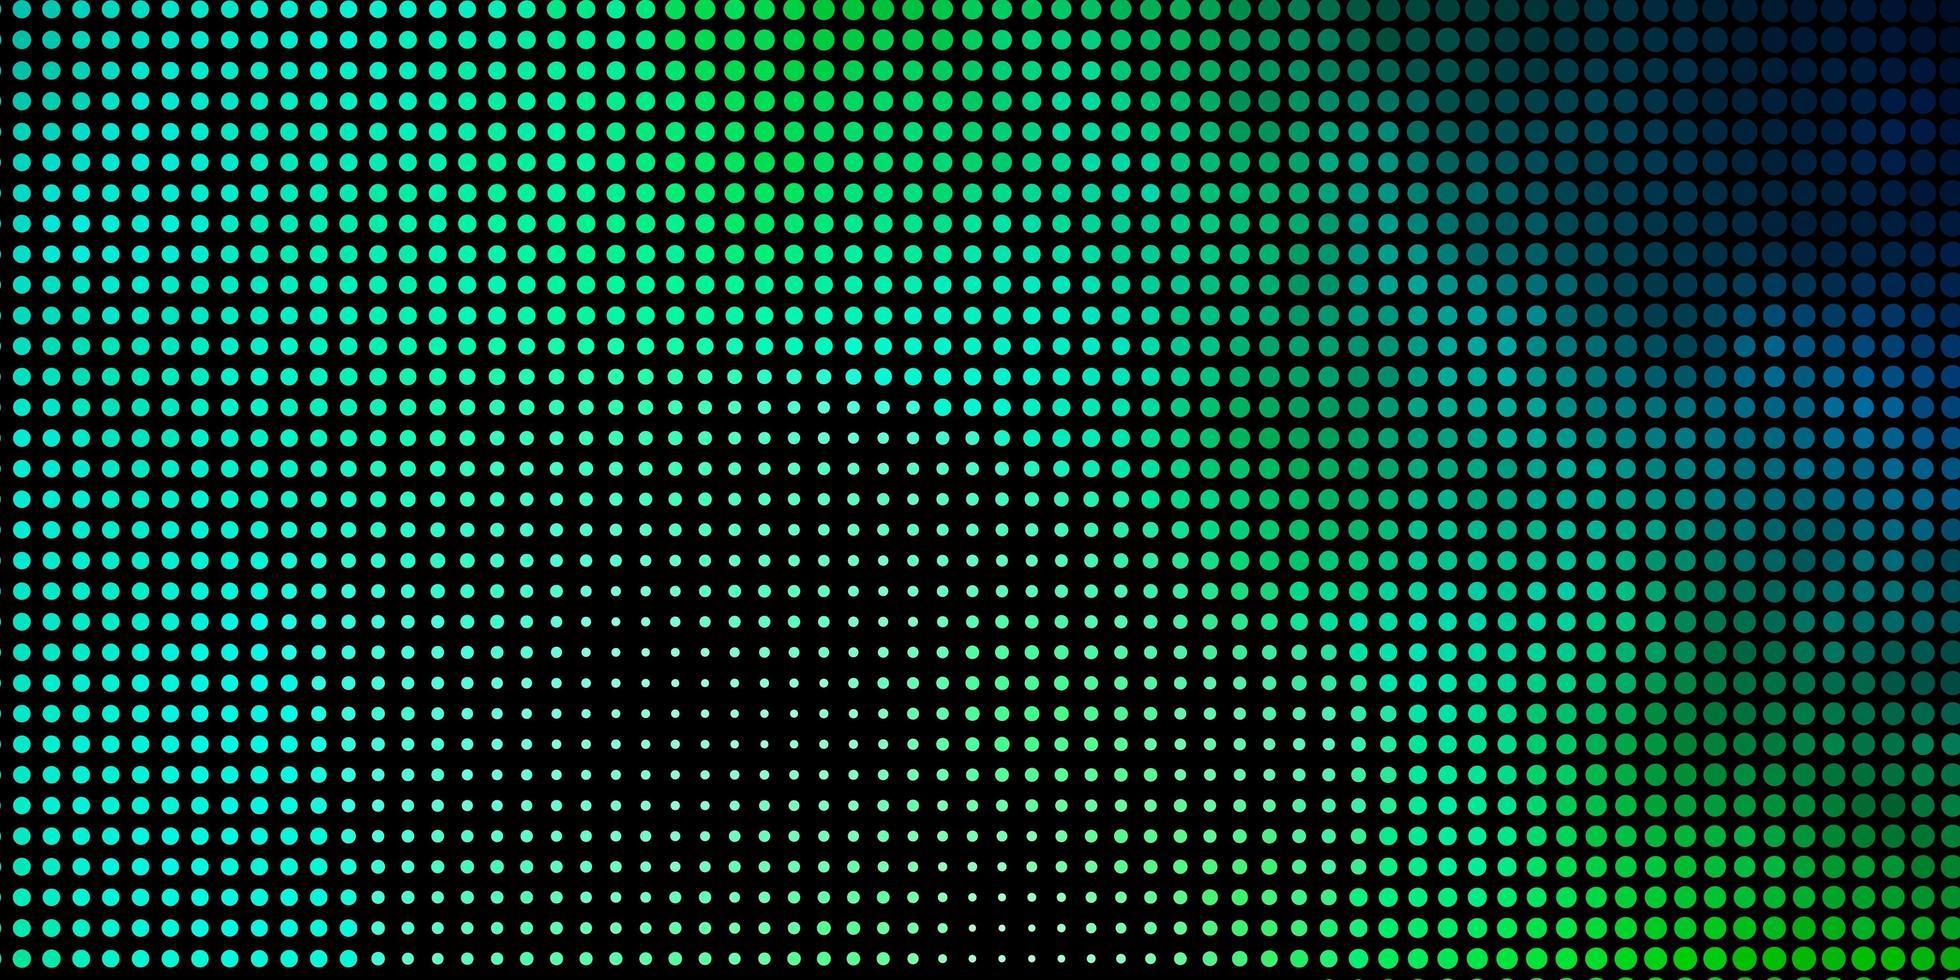 hellgrüne Textur mit Scheiben. vektor